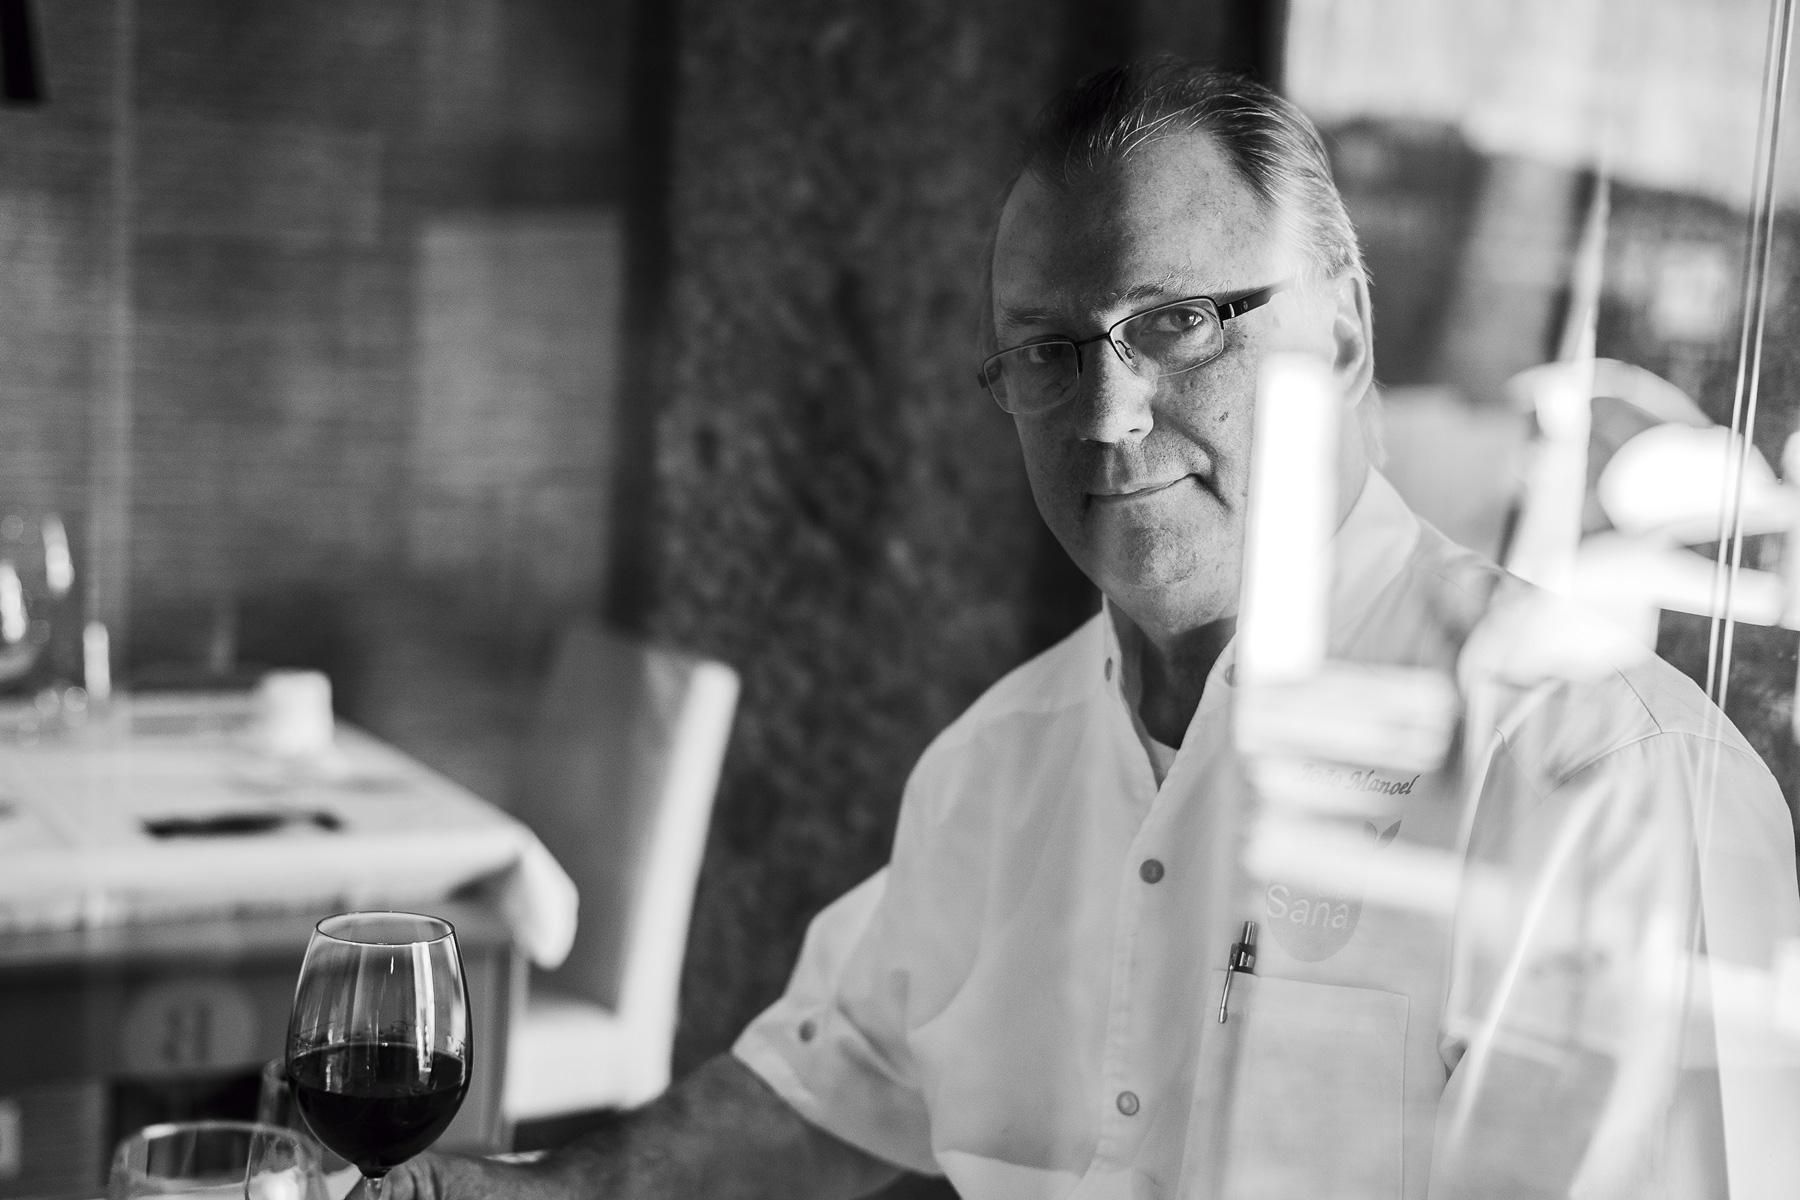 Chef João Manoel Moreno ©Nuno Sampaio